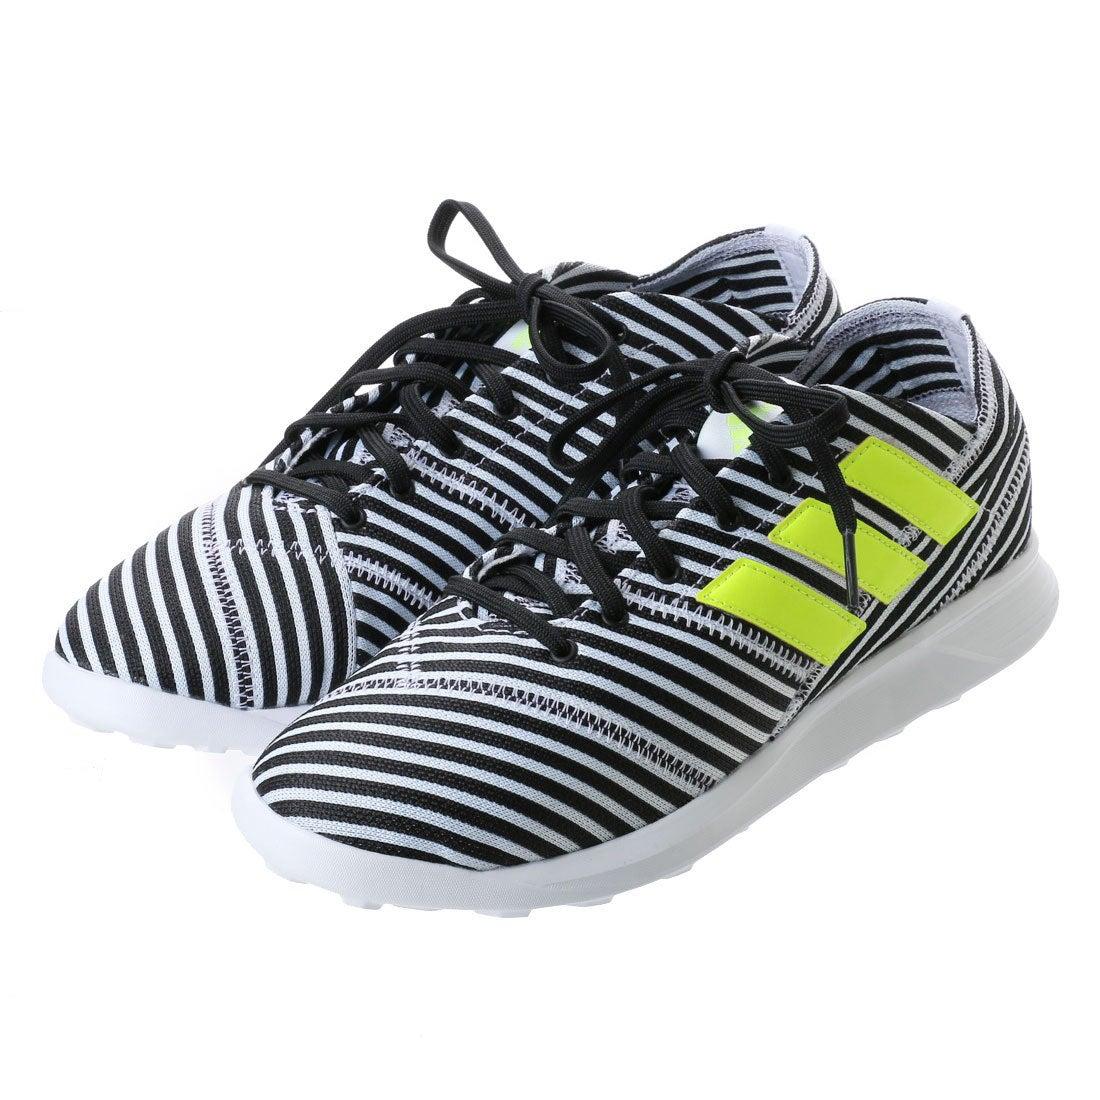 【SALE 30%OFF】アディダス adidas ユニセックス サッカー トレーニングシューズ ネメシス 17.4 TR BB3663 3518